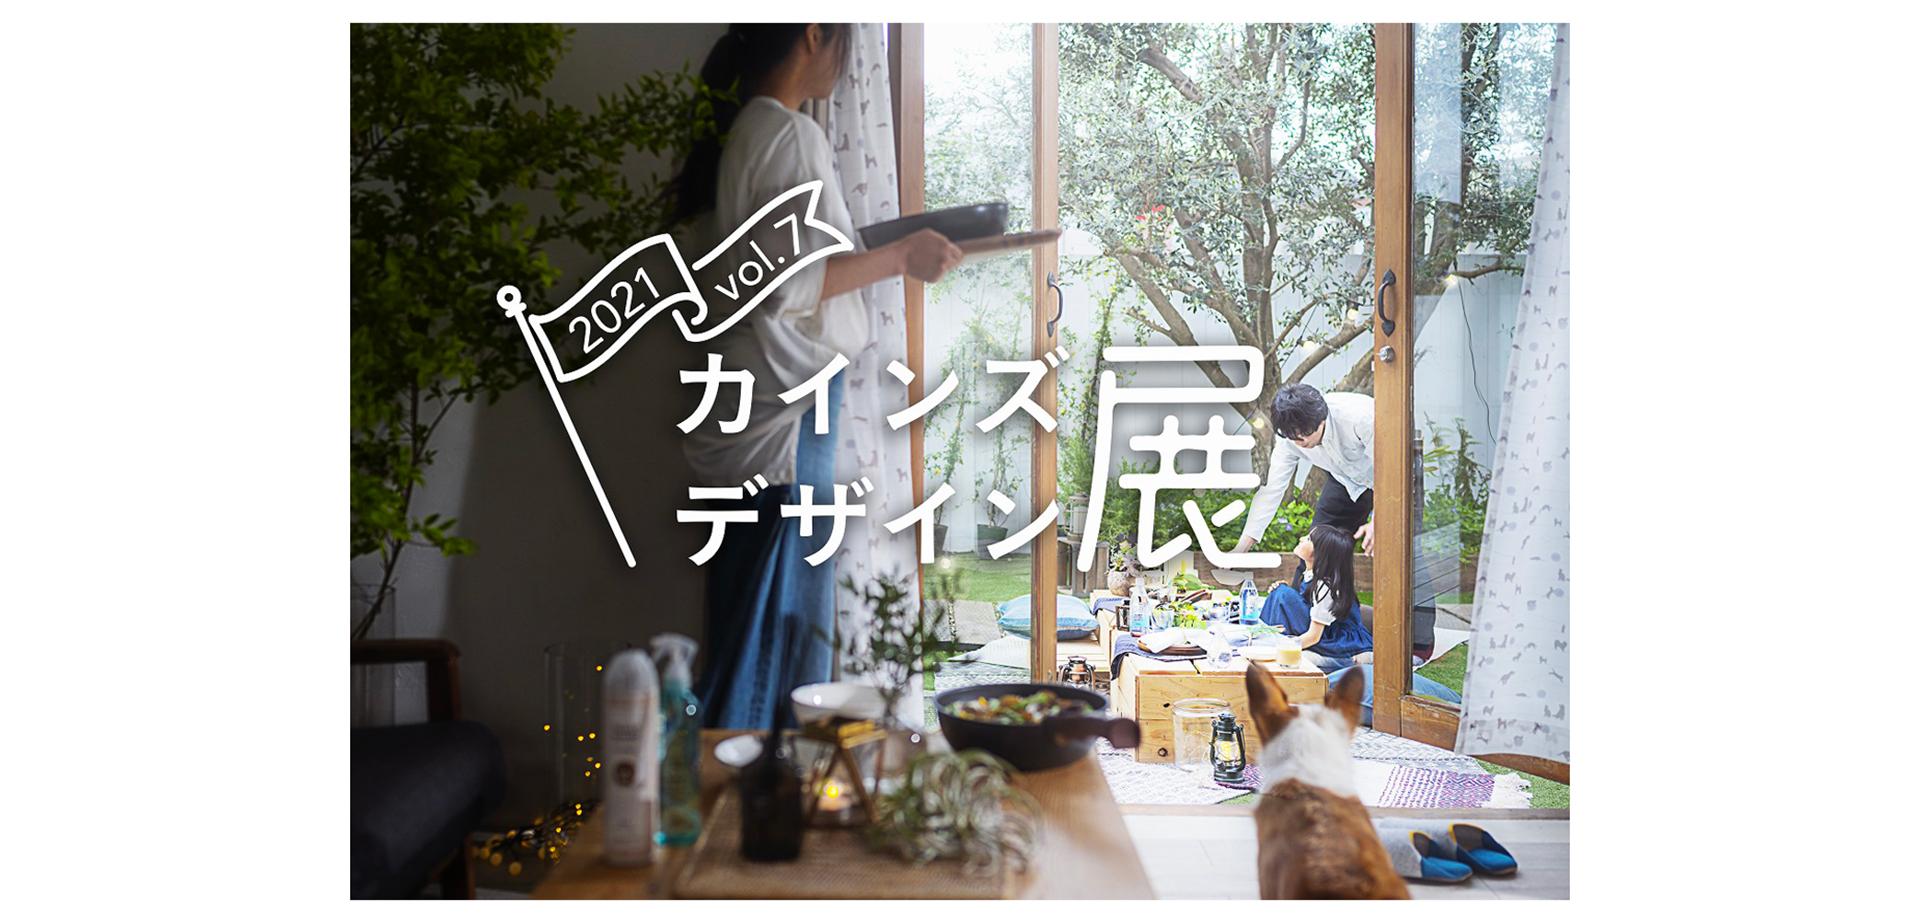 メーカー28社コラボ『カインズデザイン展 vol.7』